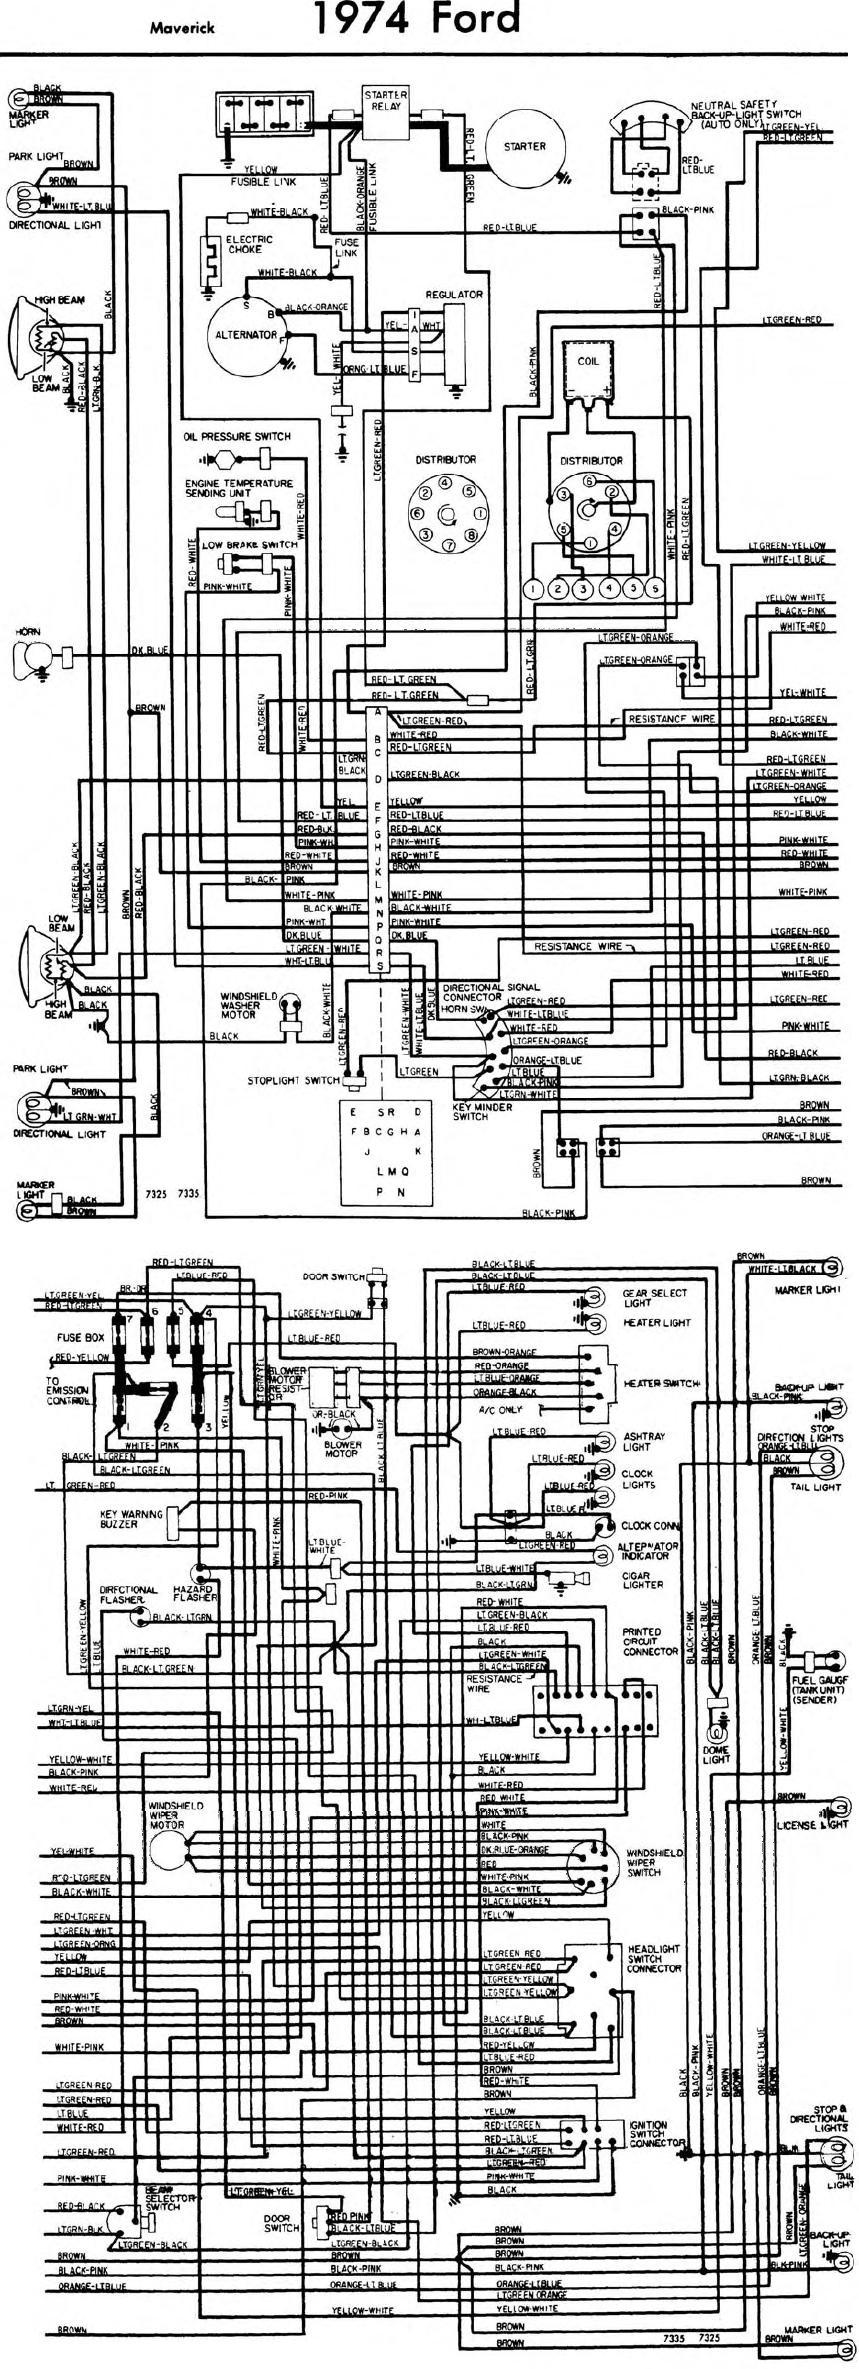 medium resolution of ford maverick wiring wiring diagram inside1973 maverick wiring diagram 5